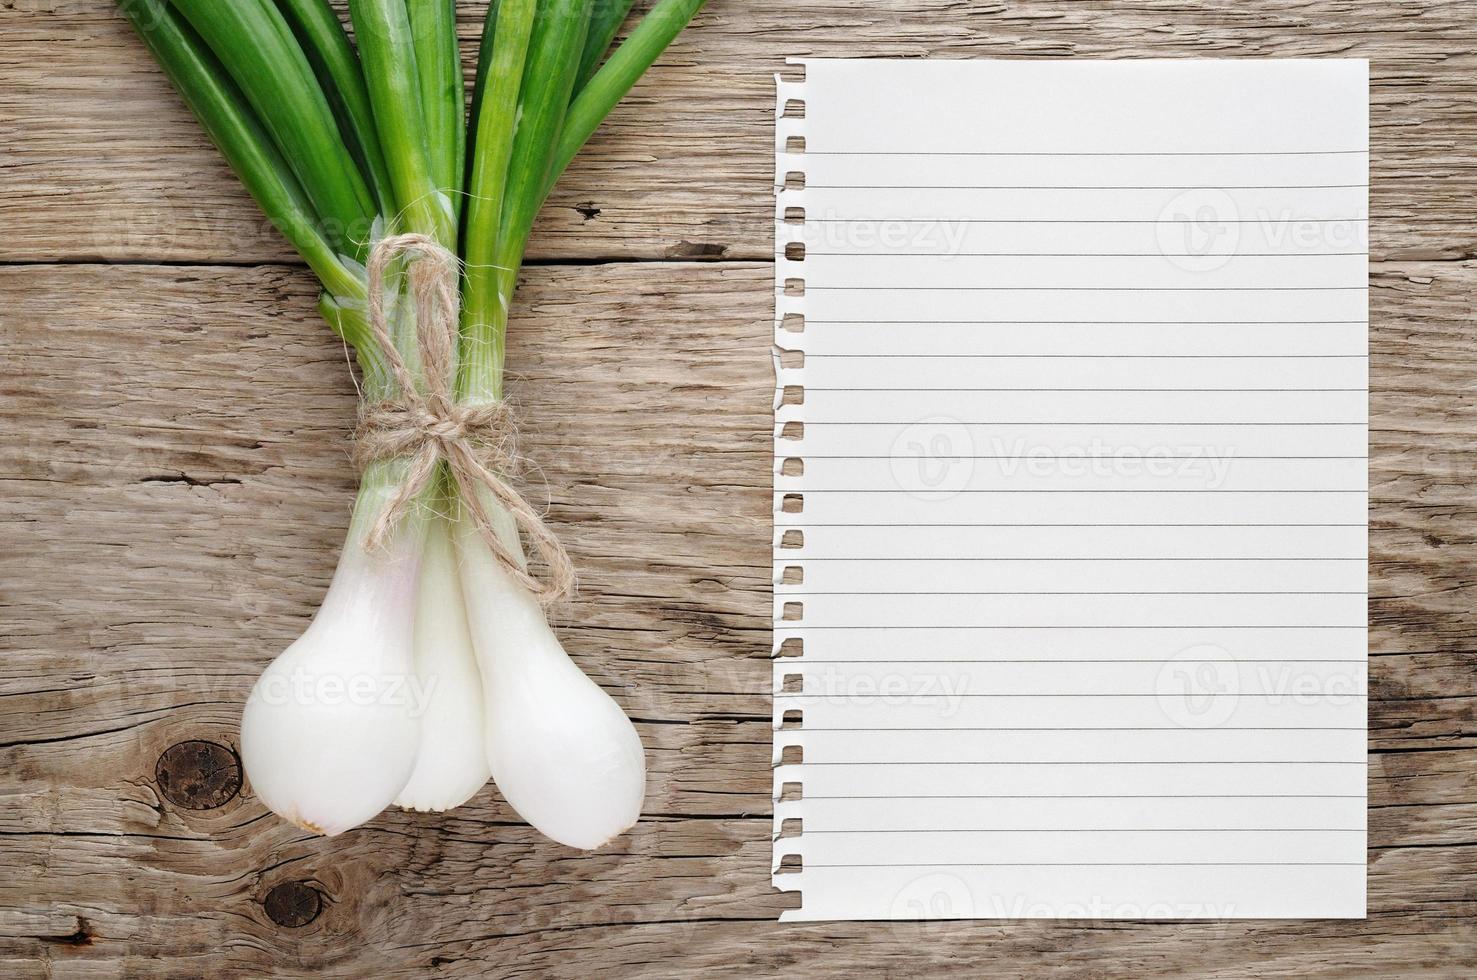 groene ui en papier voor recept foto